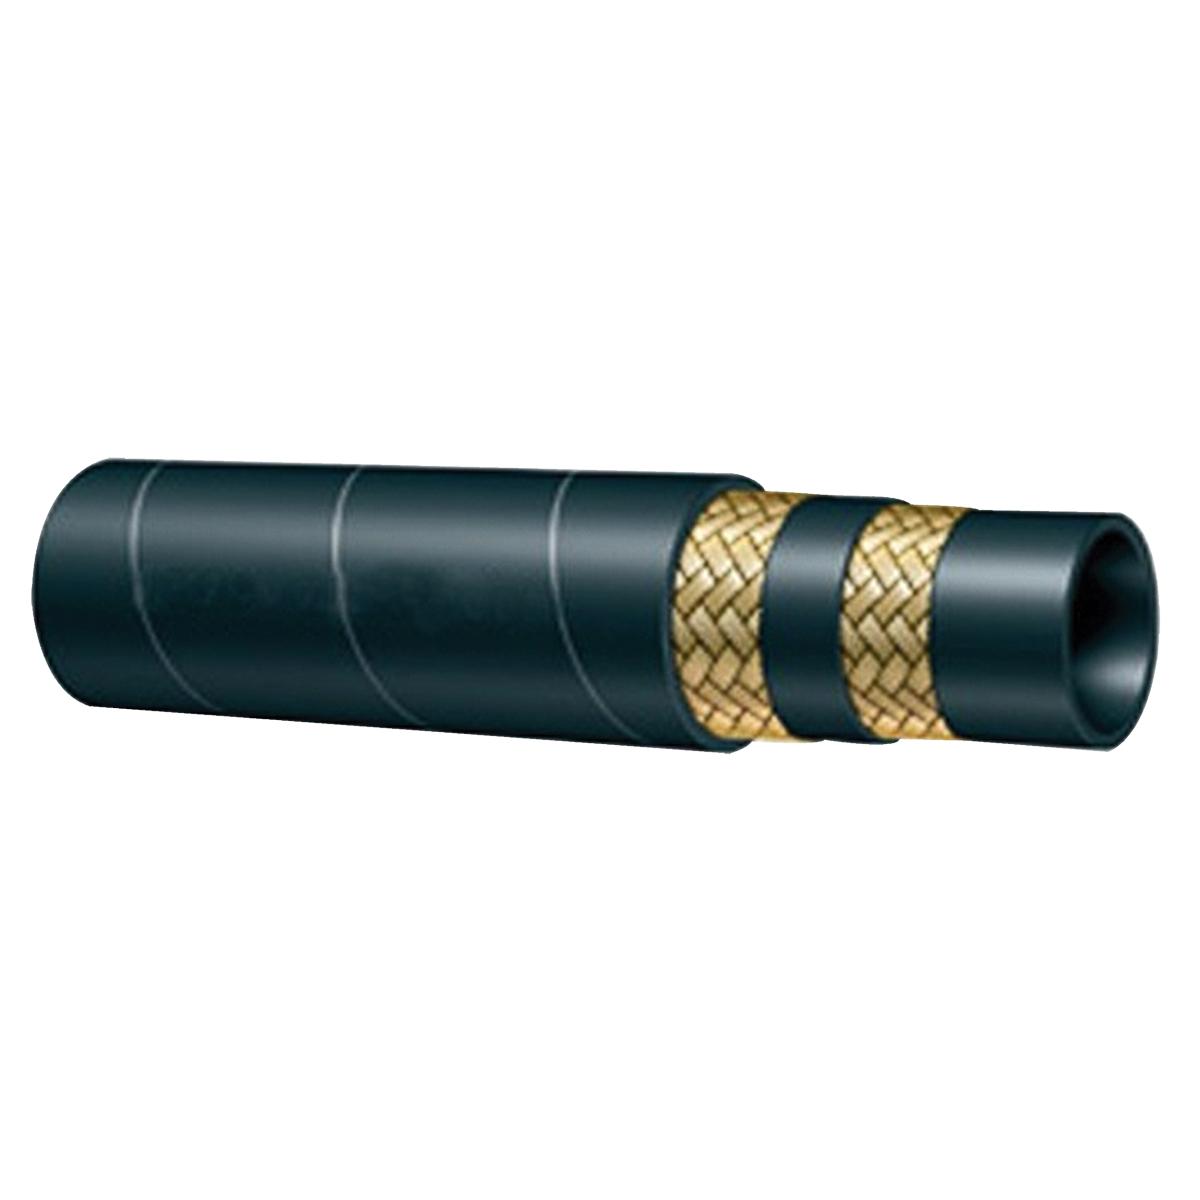 """1"""" Hydraulic Hose — Dura-Hyd Abrasion Resistant Hi-Pressure SAE 100R17"""